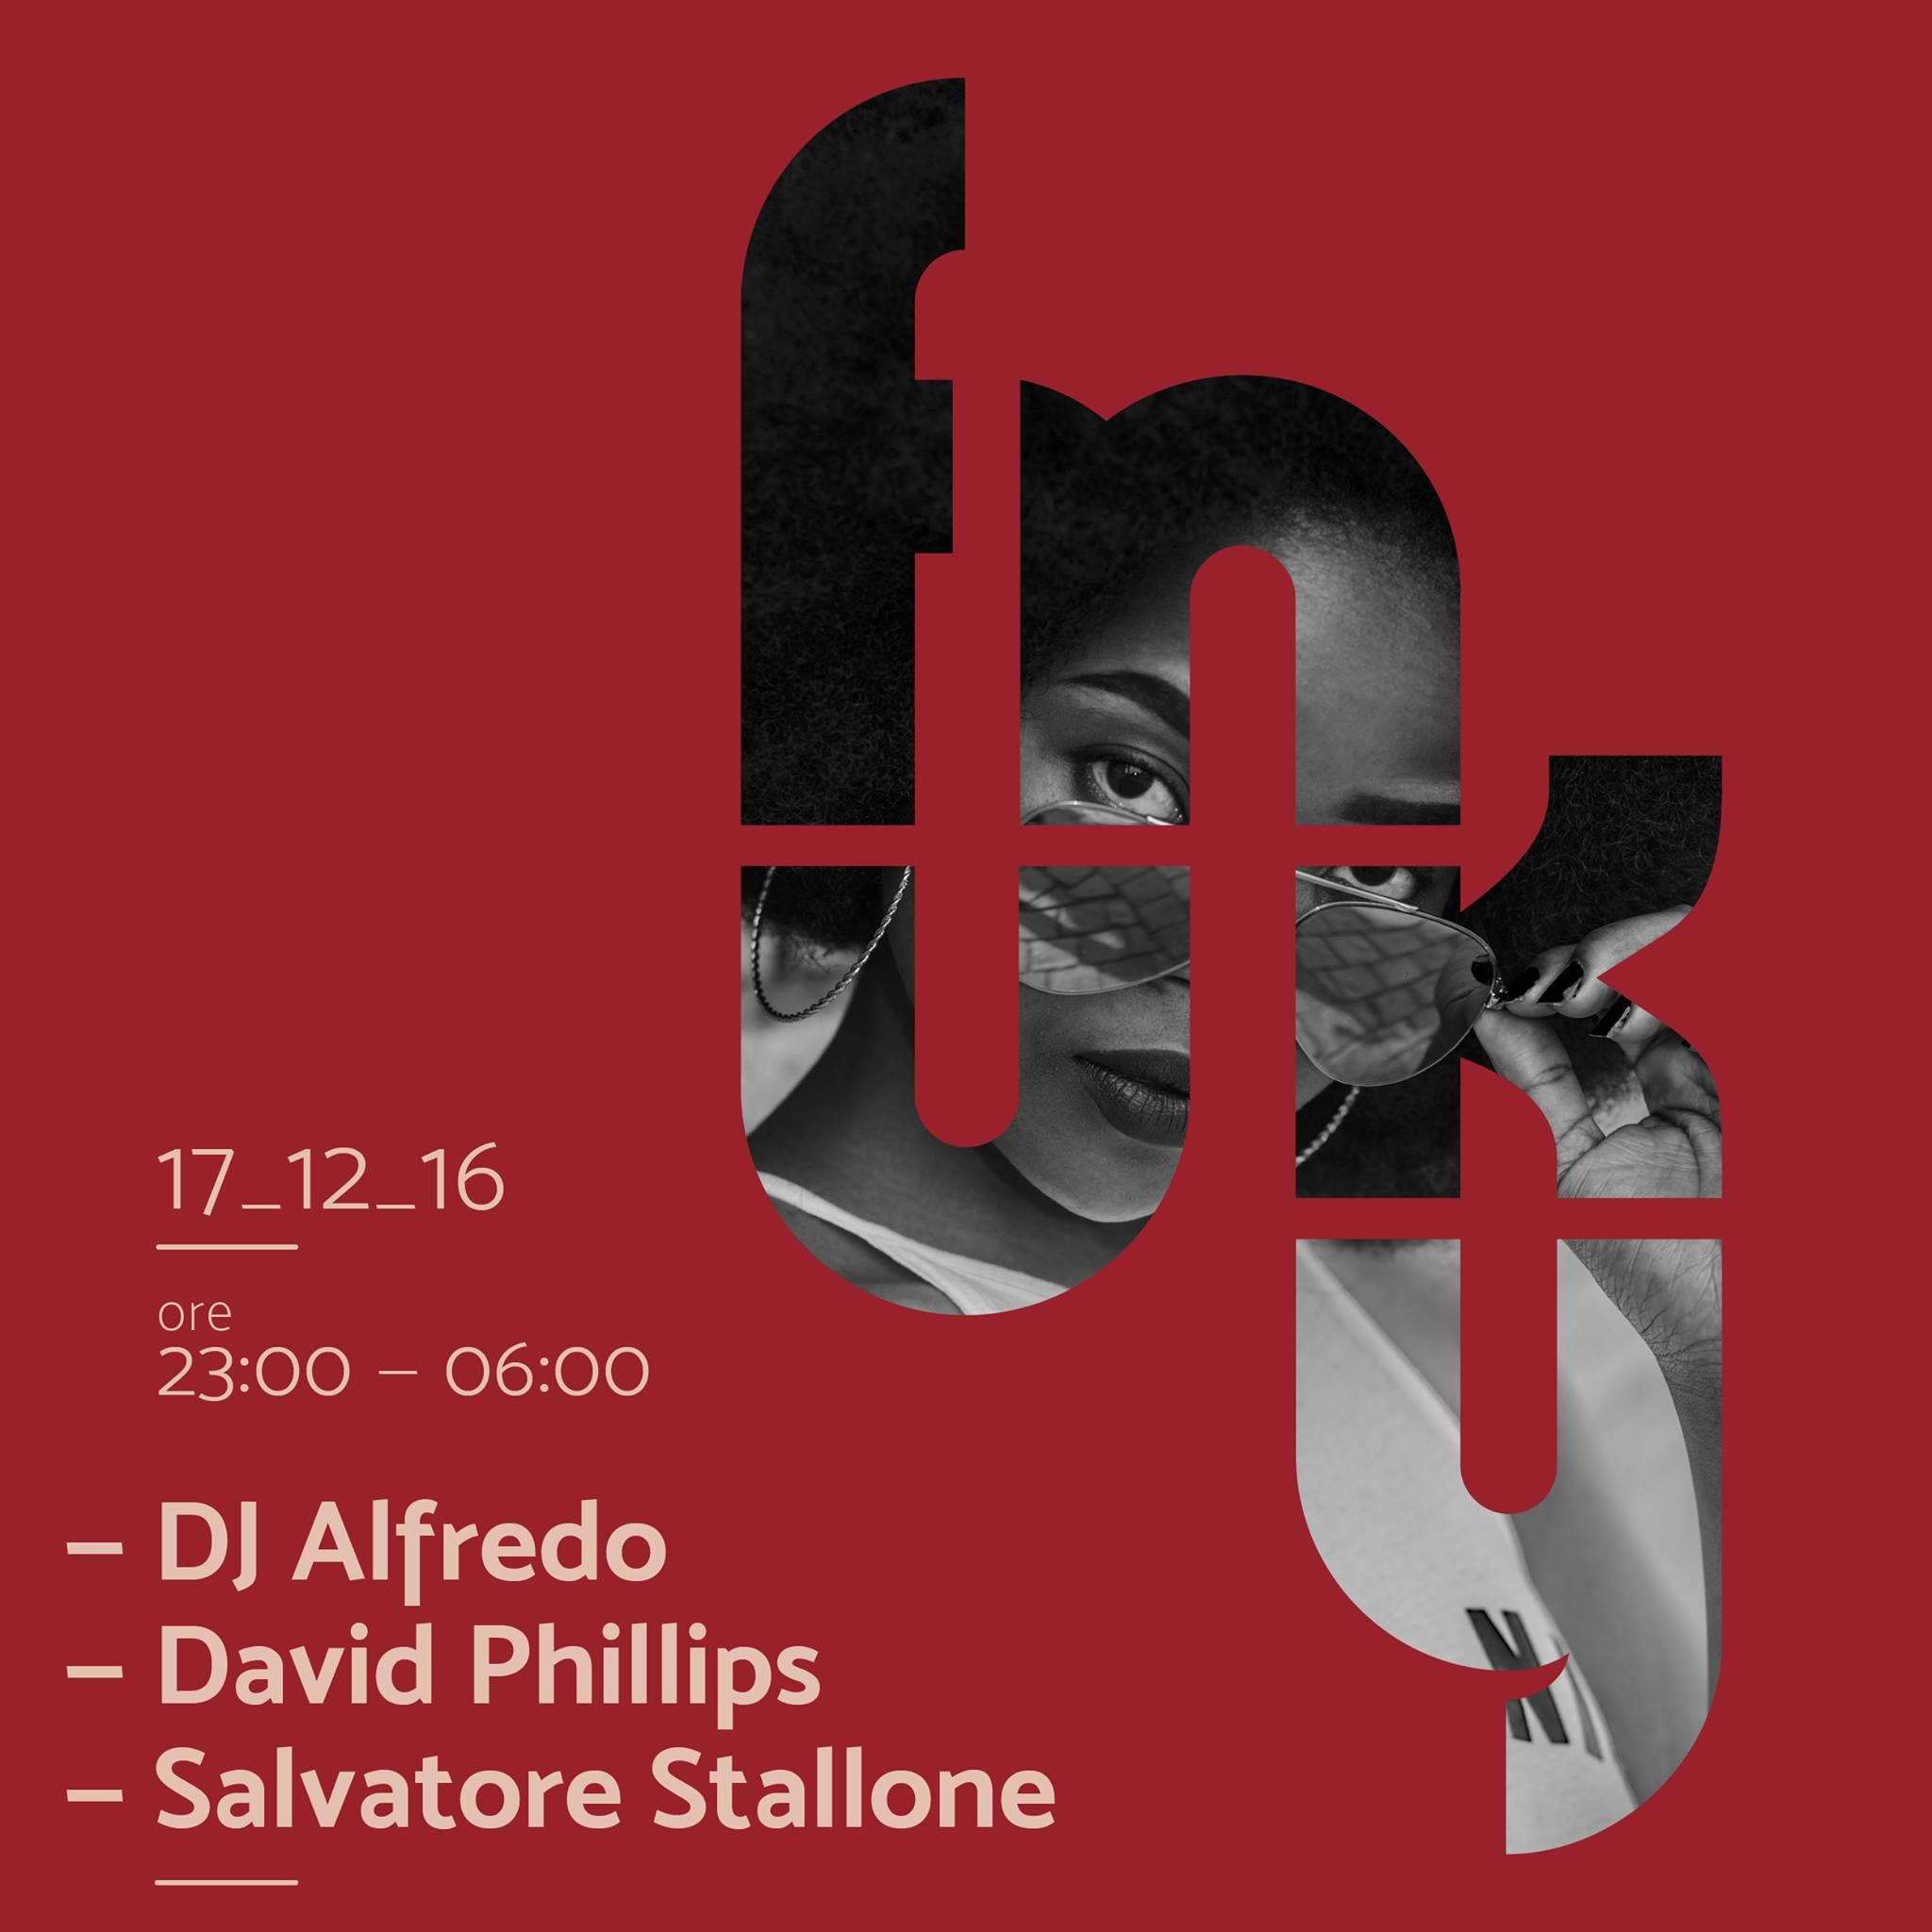 Benevento, nasce domani il primo 'Funky Club' cittadino diretto da Salvatore Stallone